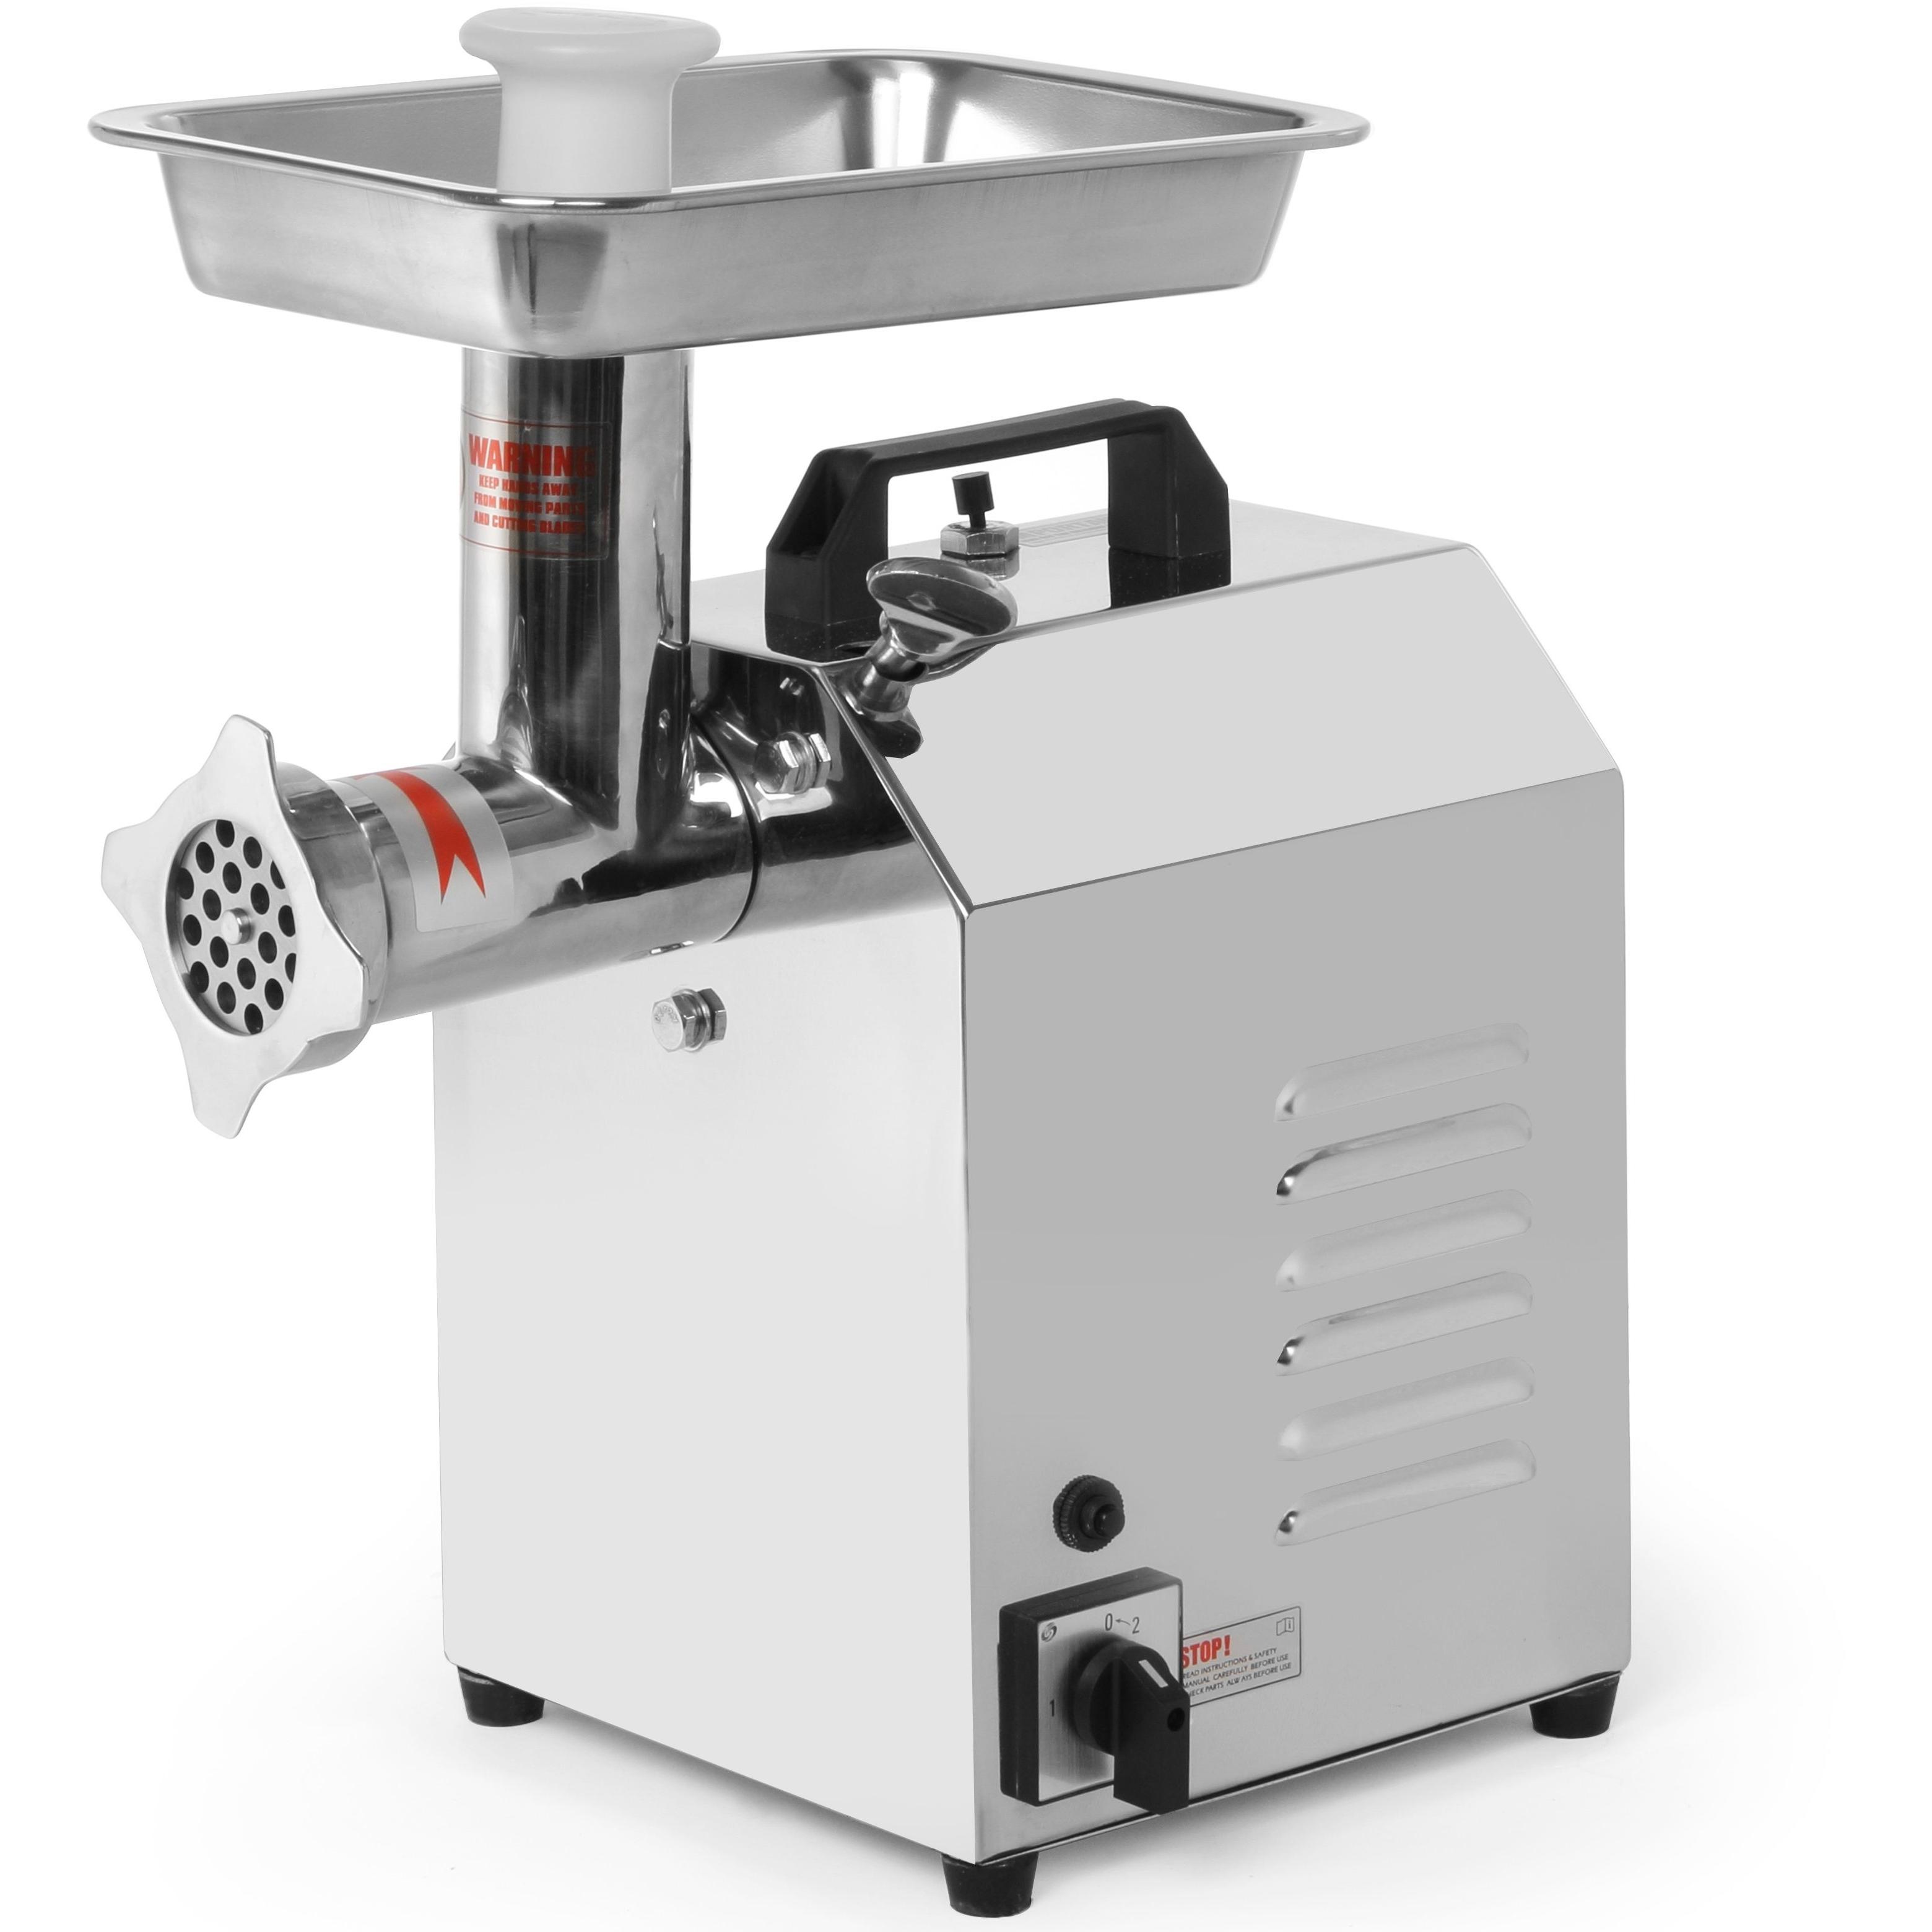 Maszynka do mielenia gastronomiczna